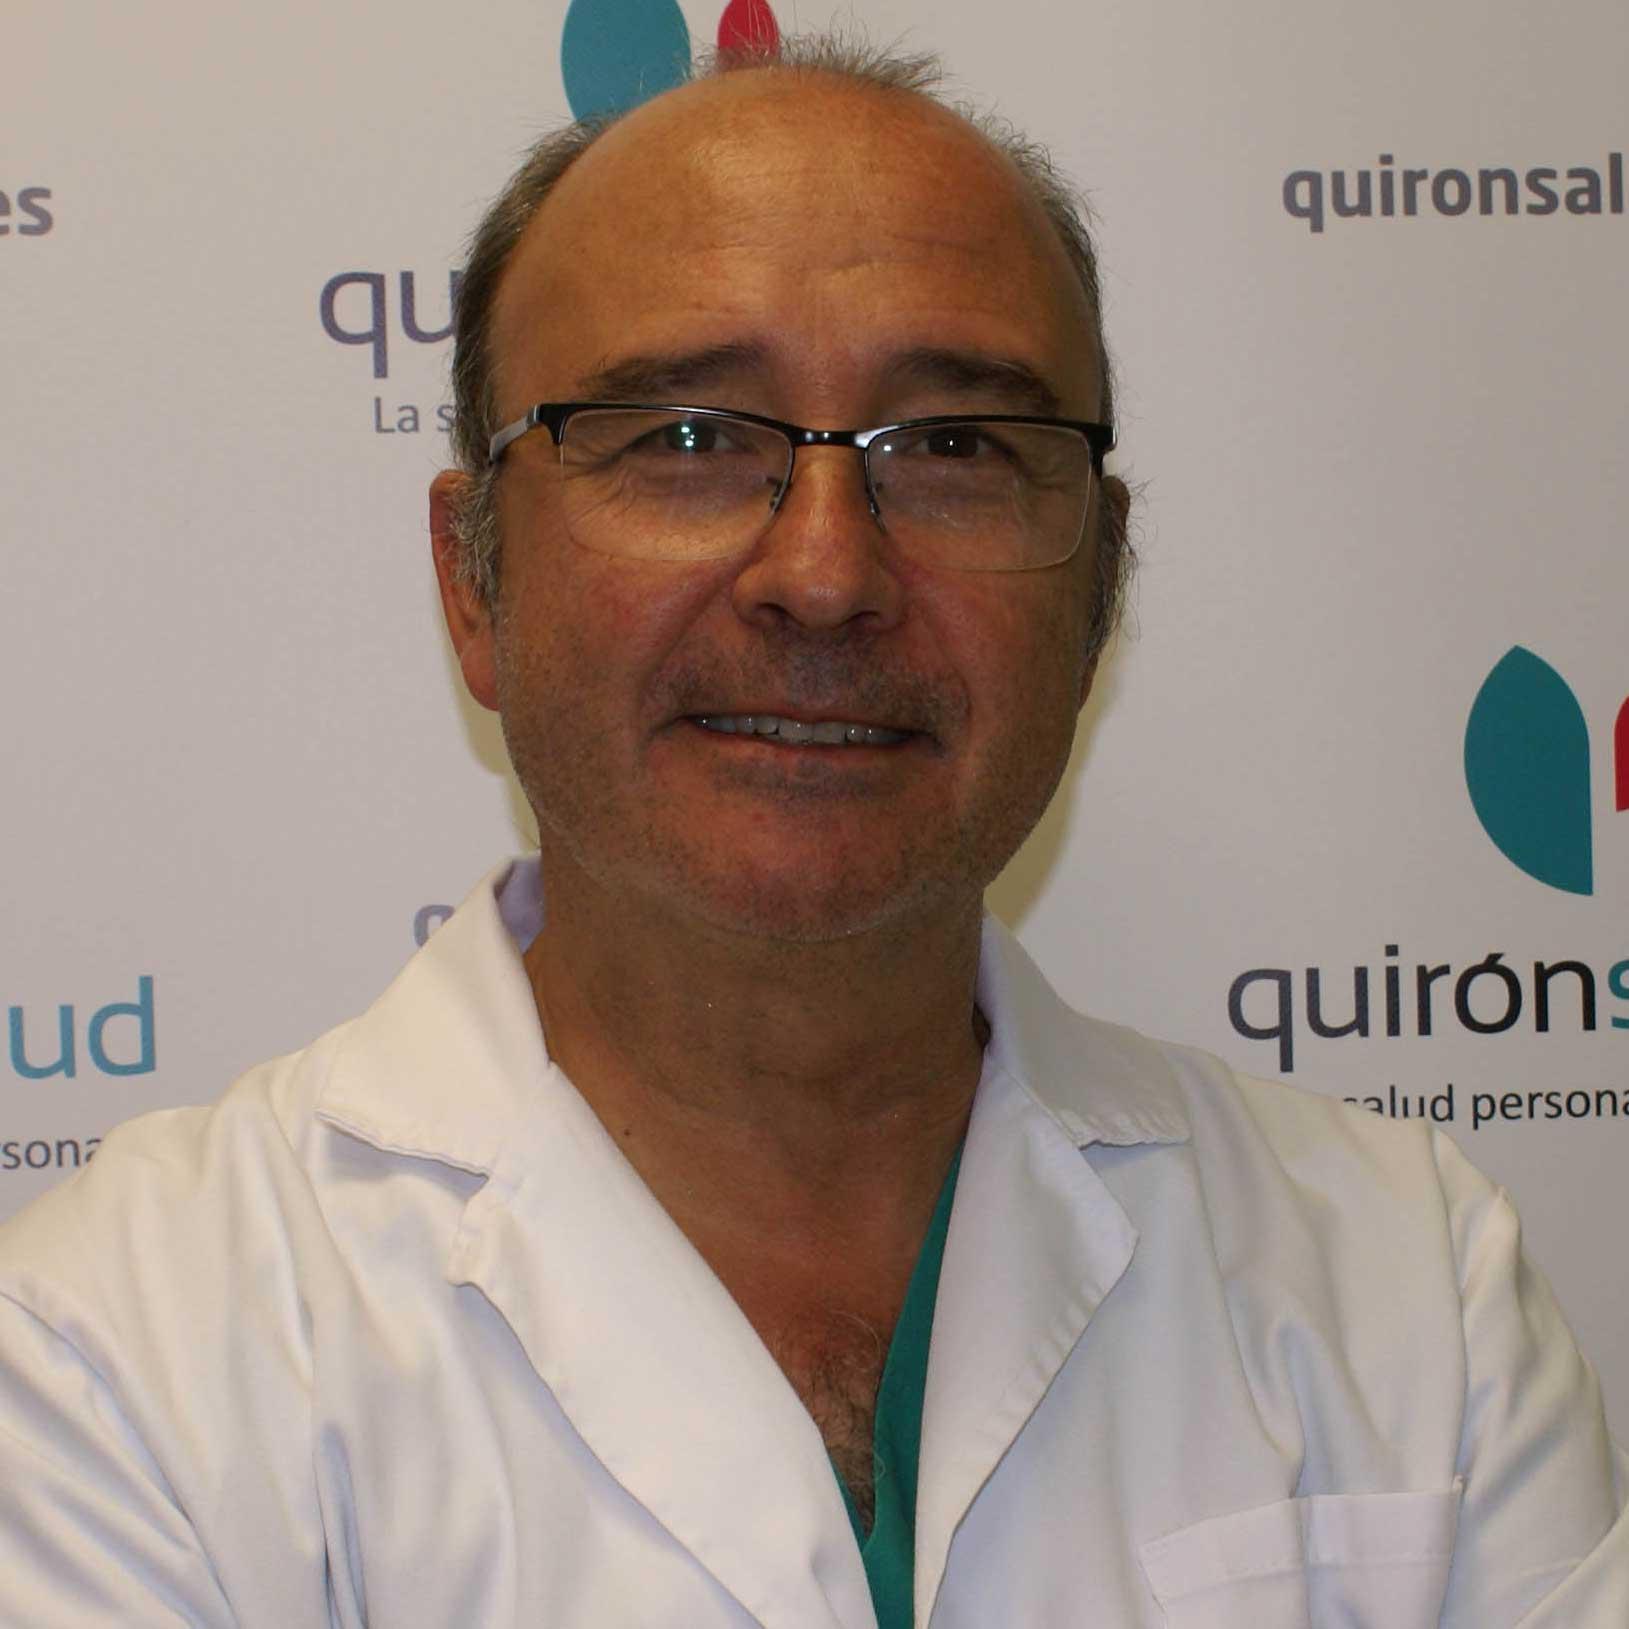 Dr. Javier Díaz Gracía-Donato